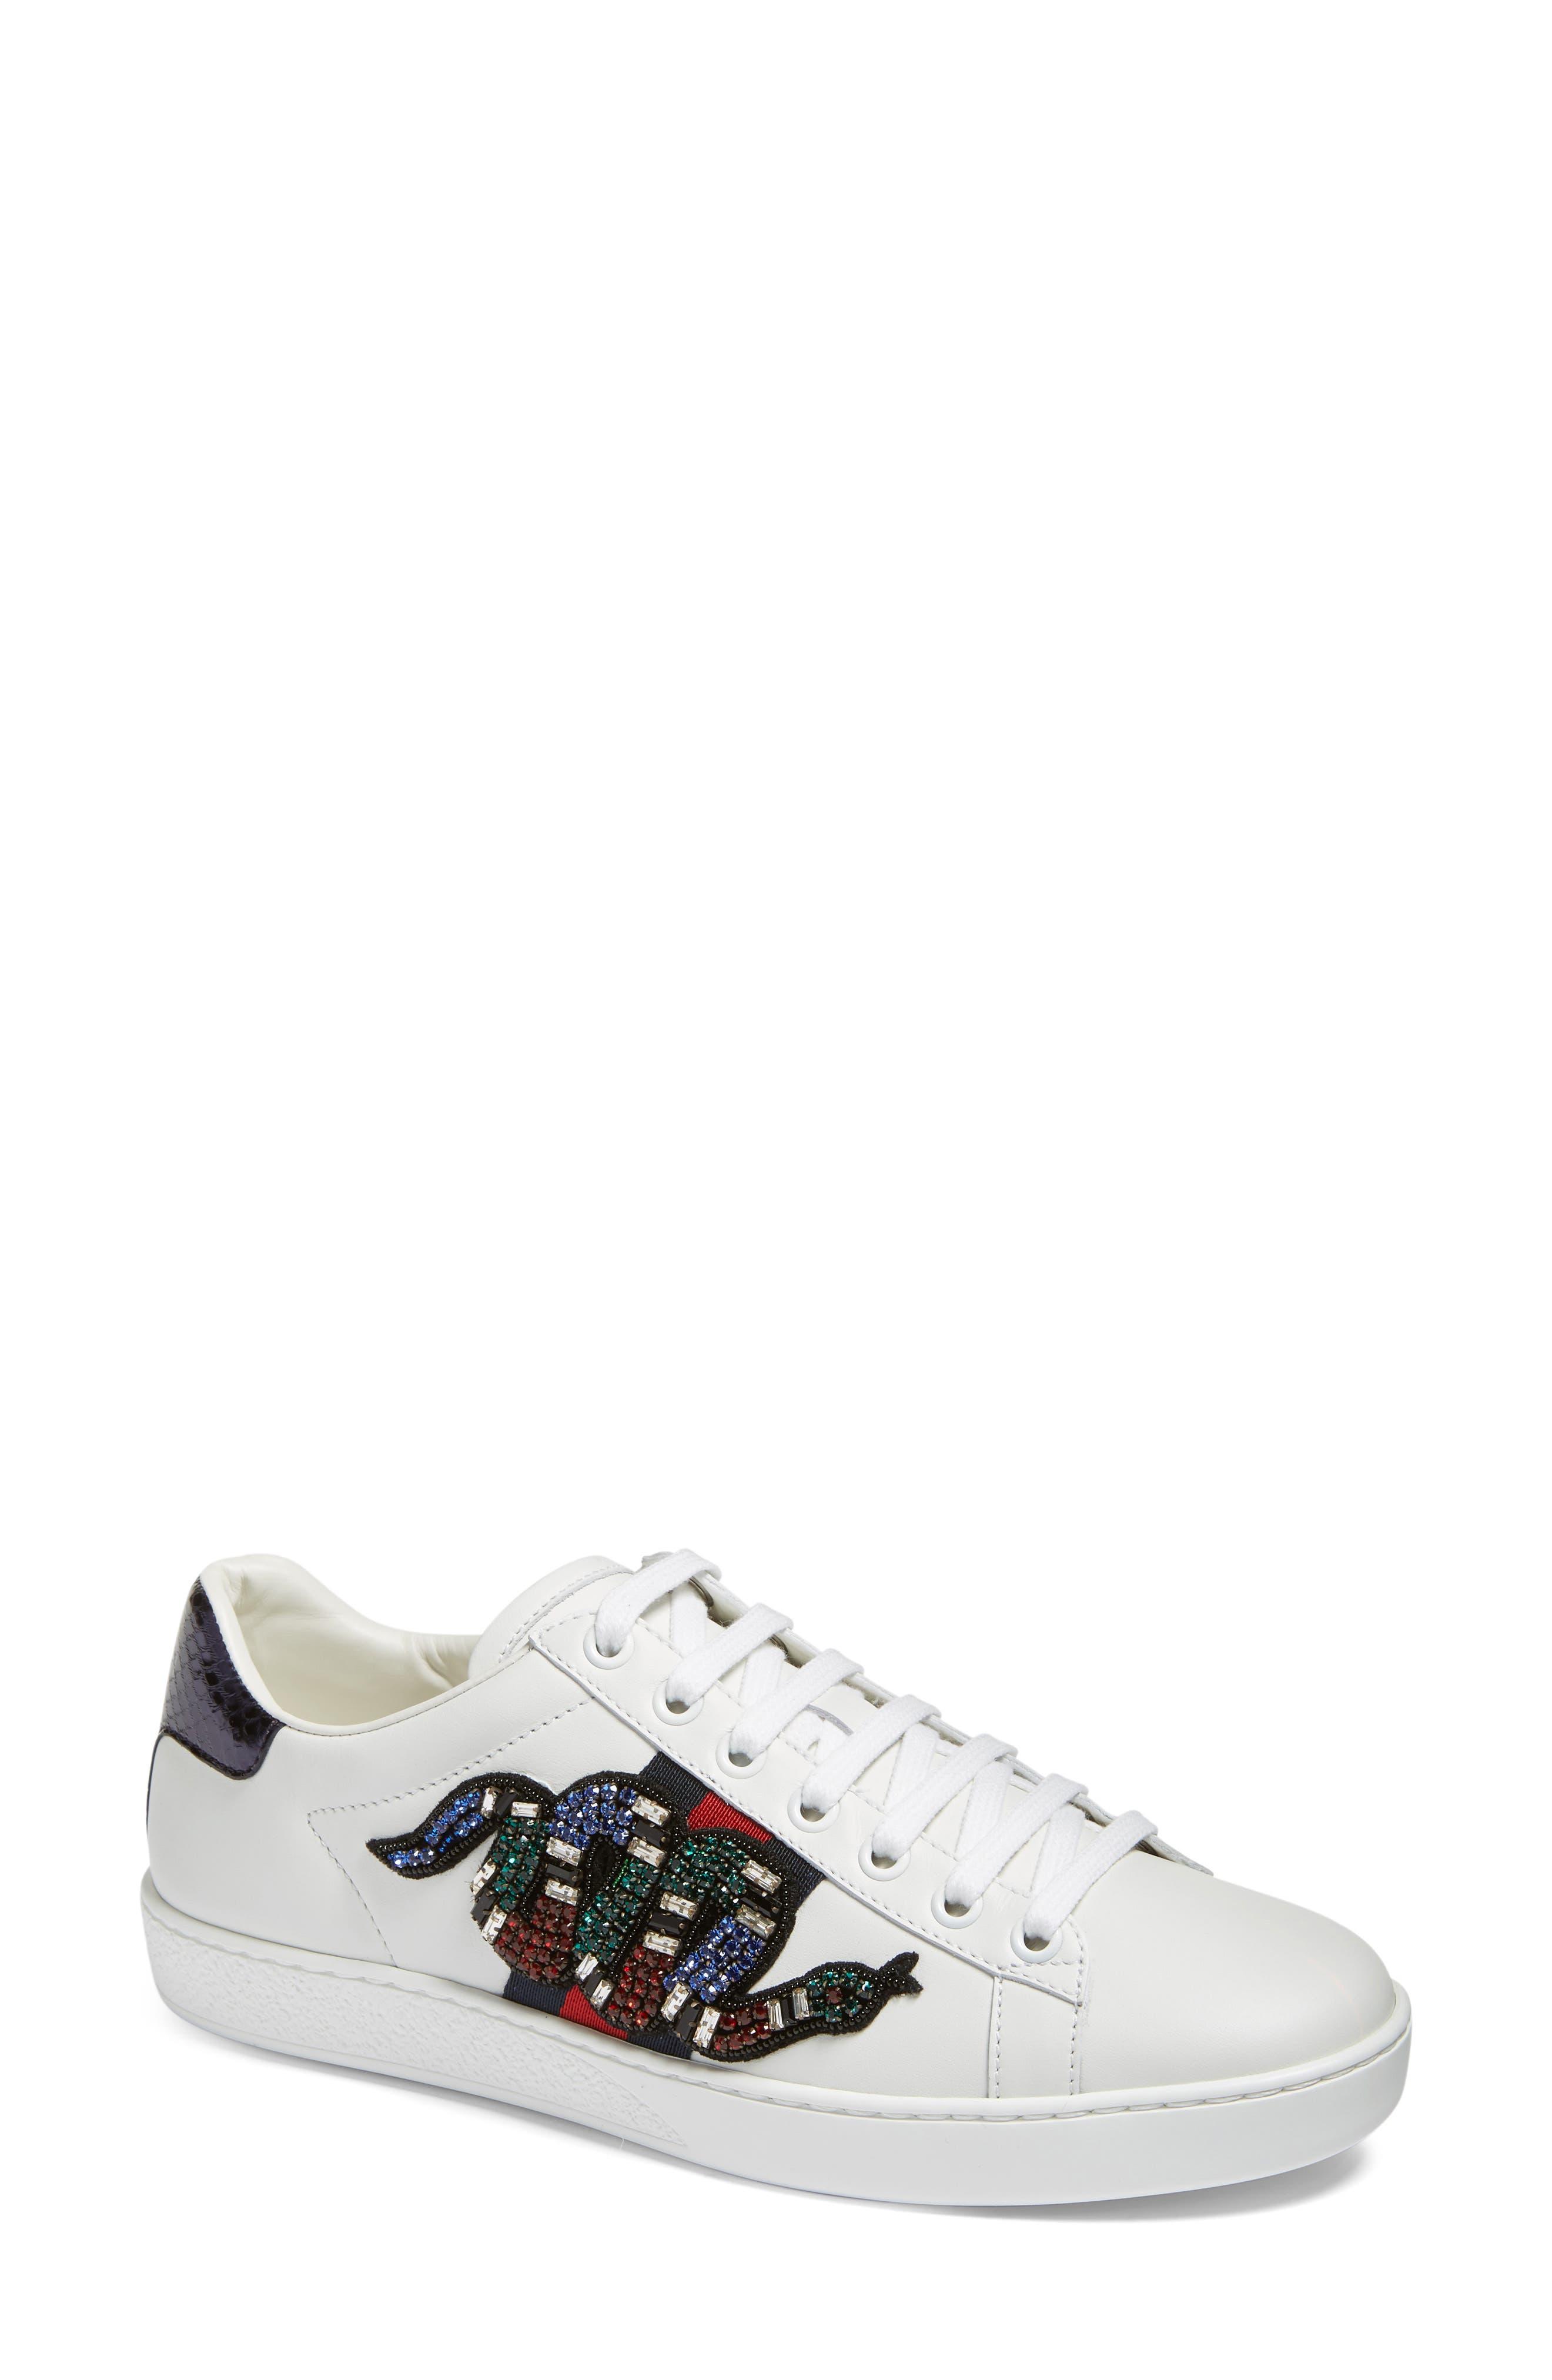 New Age Snake Embellished Sneaker,                         Main,                         color, 100